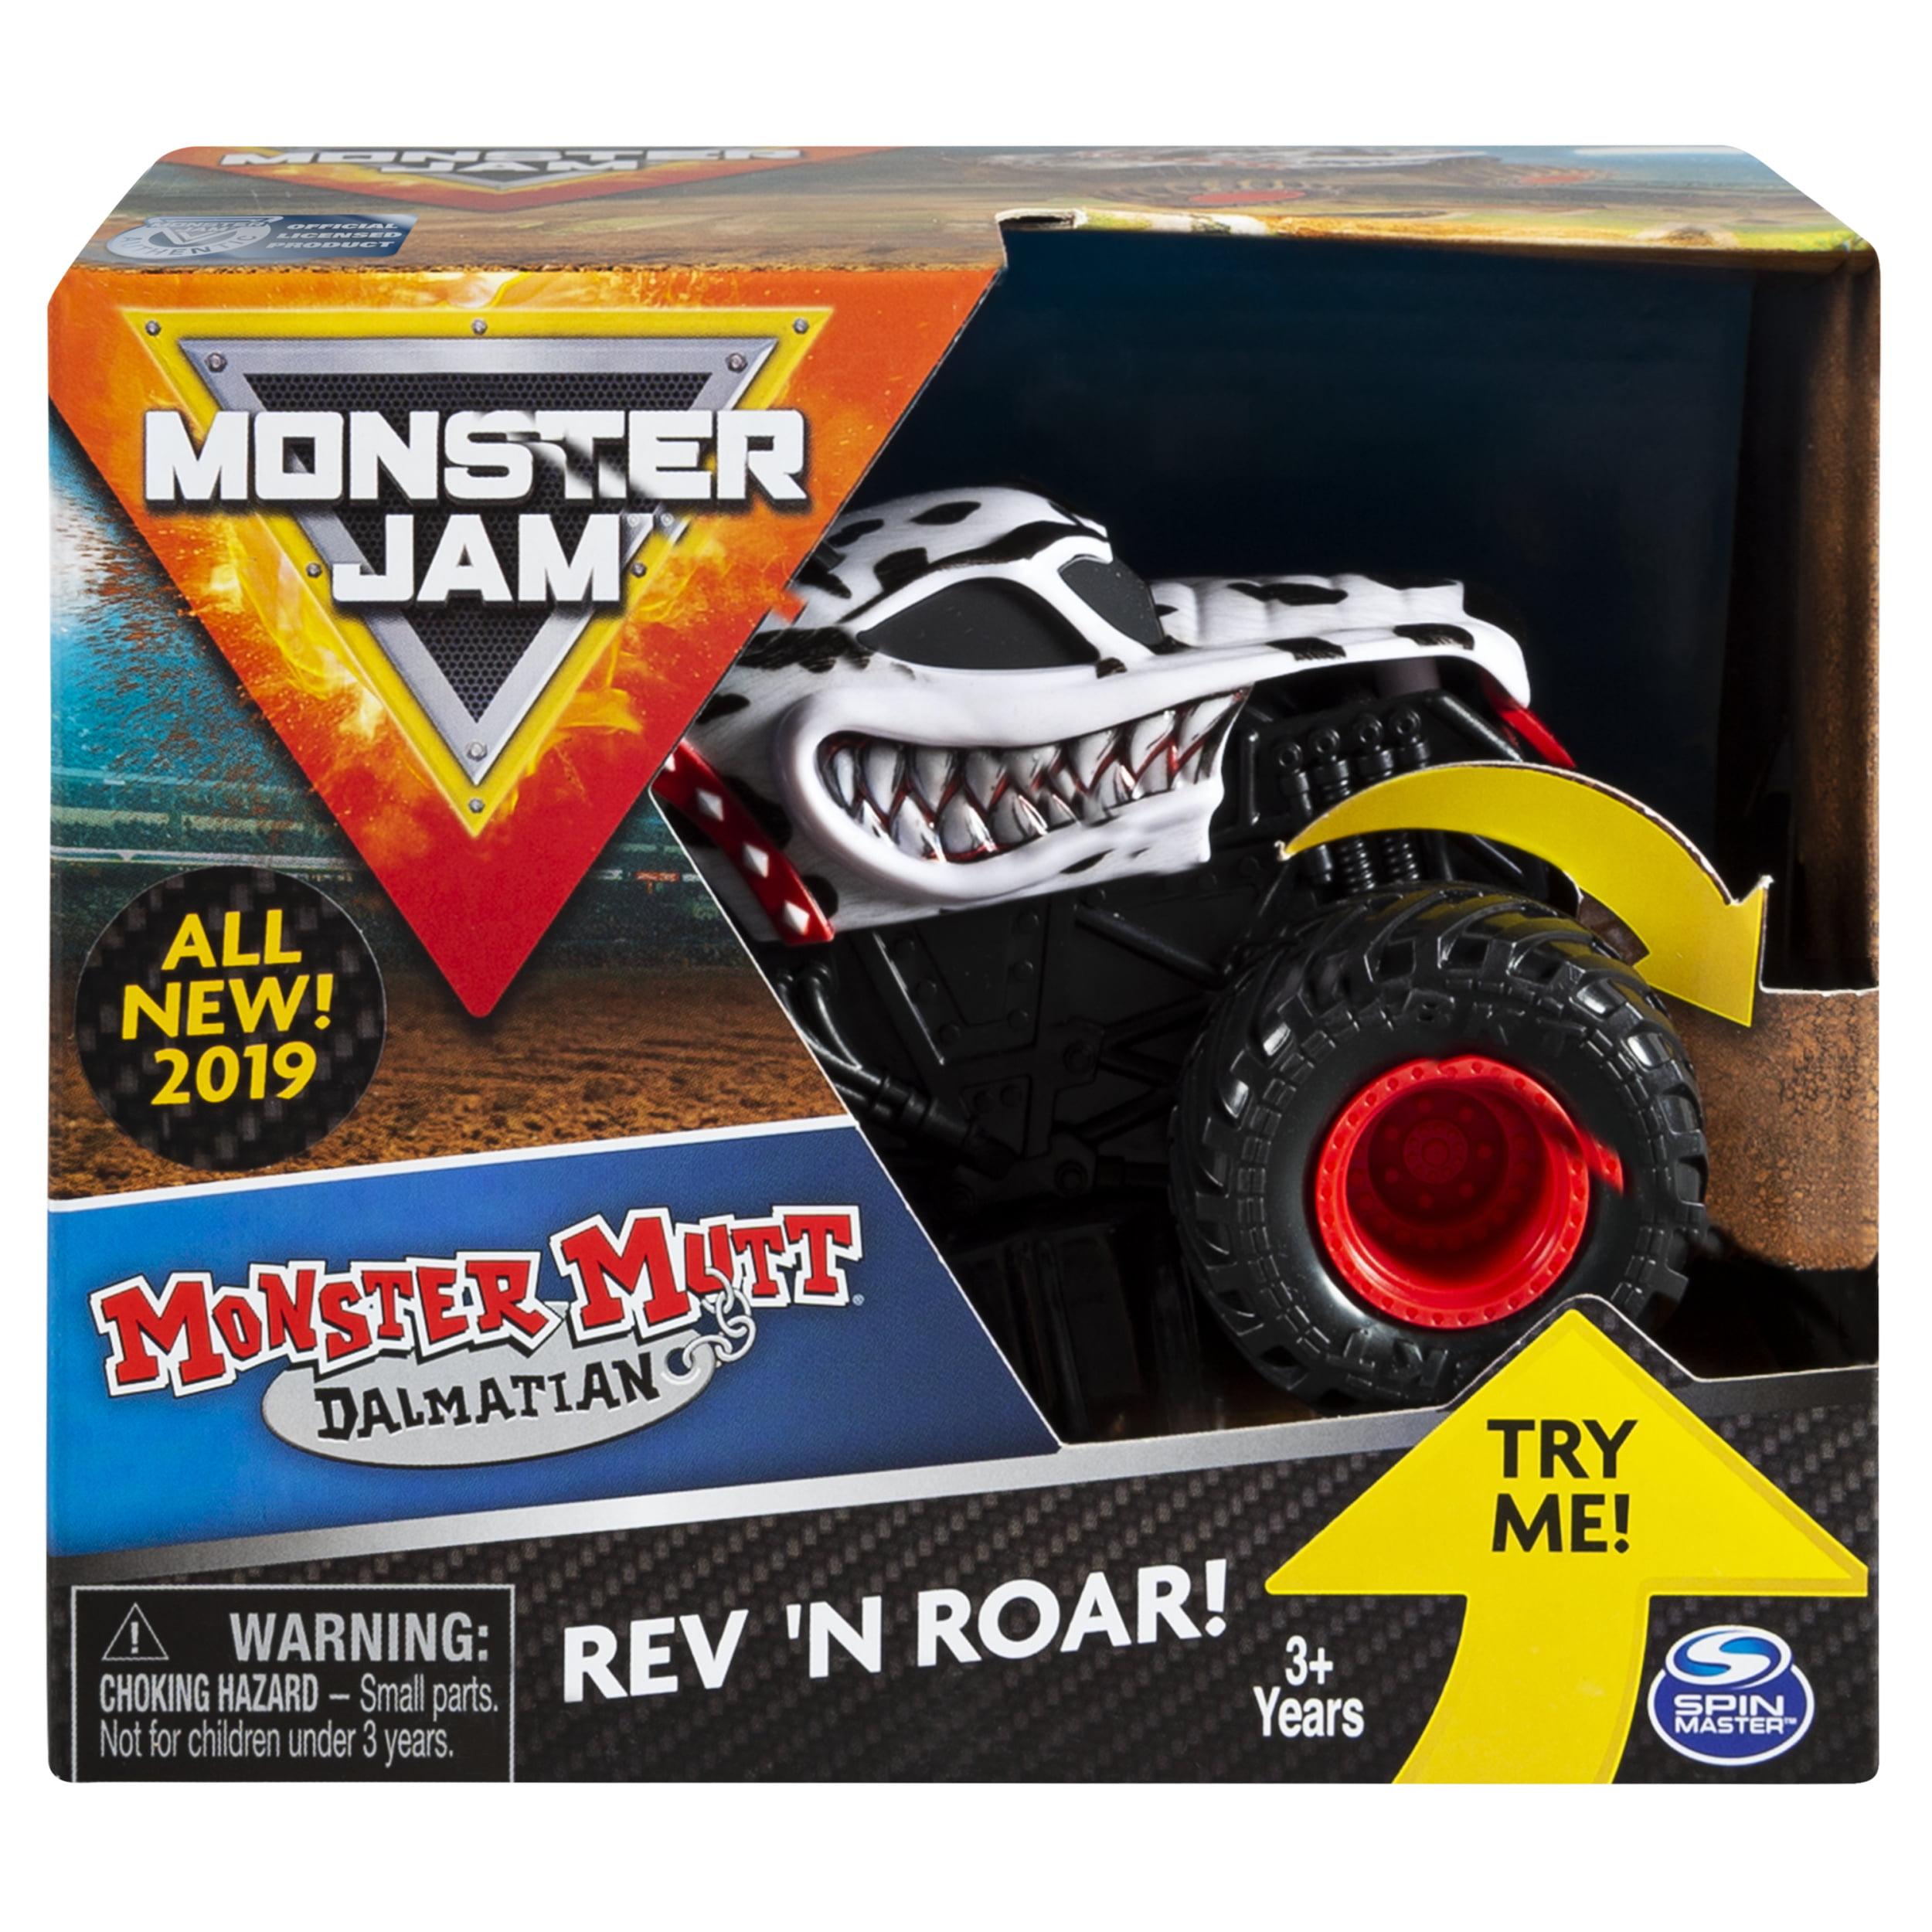 Monster Jam, Official Monster Mutt Dalmatian Rev �N Roar Monster Truck, 1:43 Scale by Spin Master Ltd